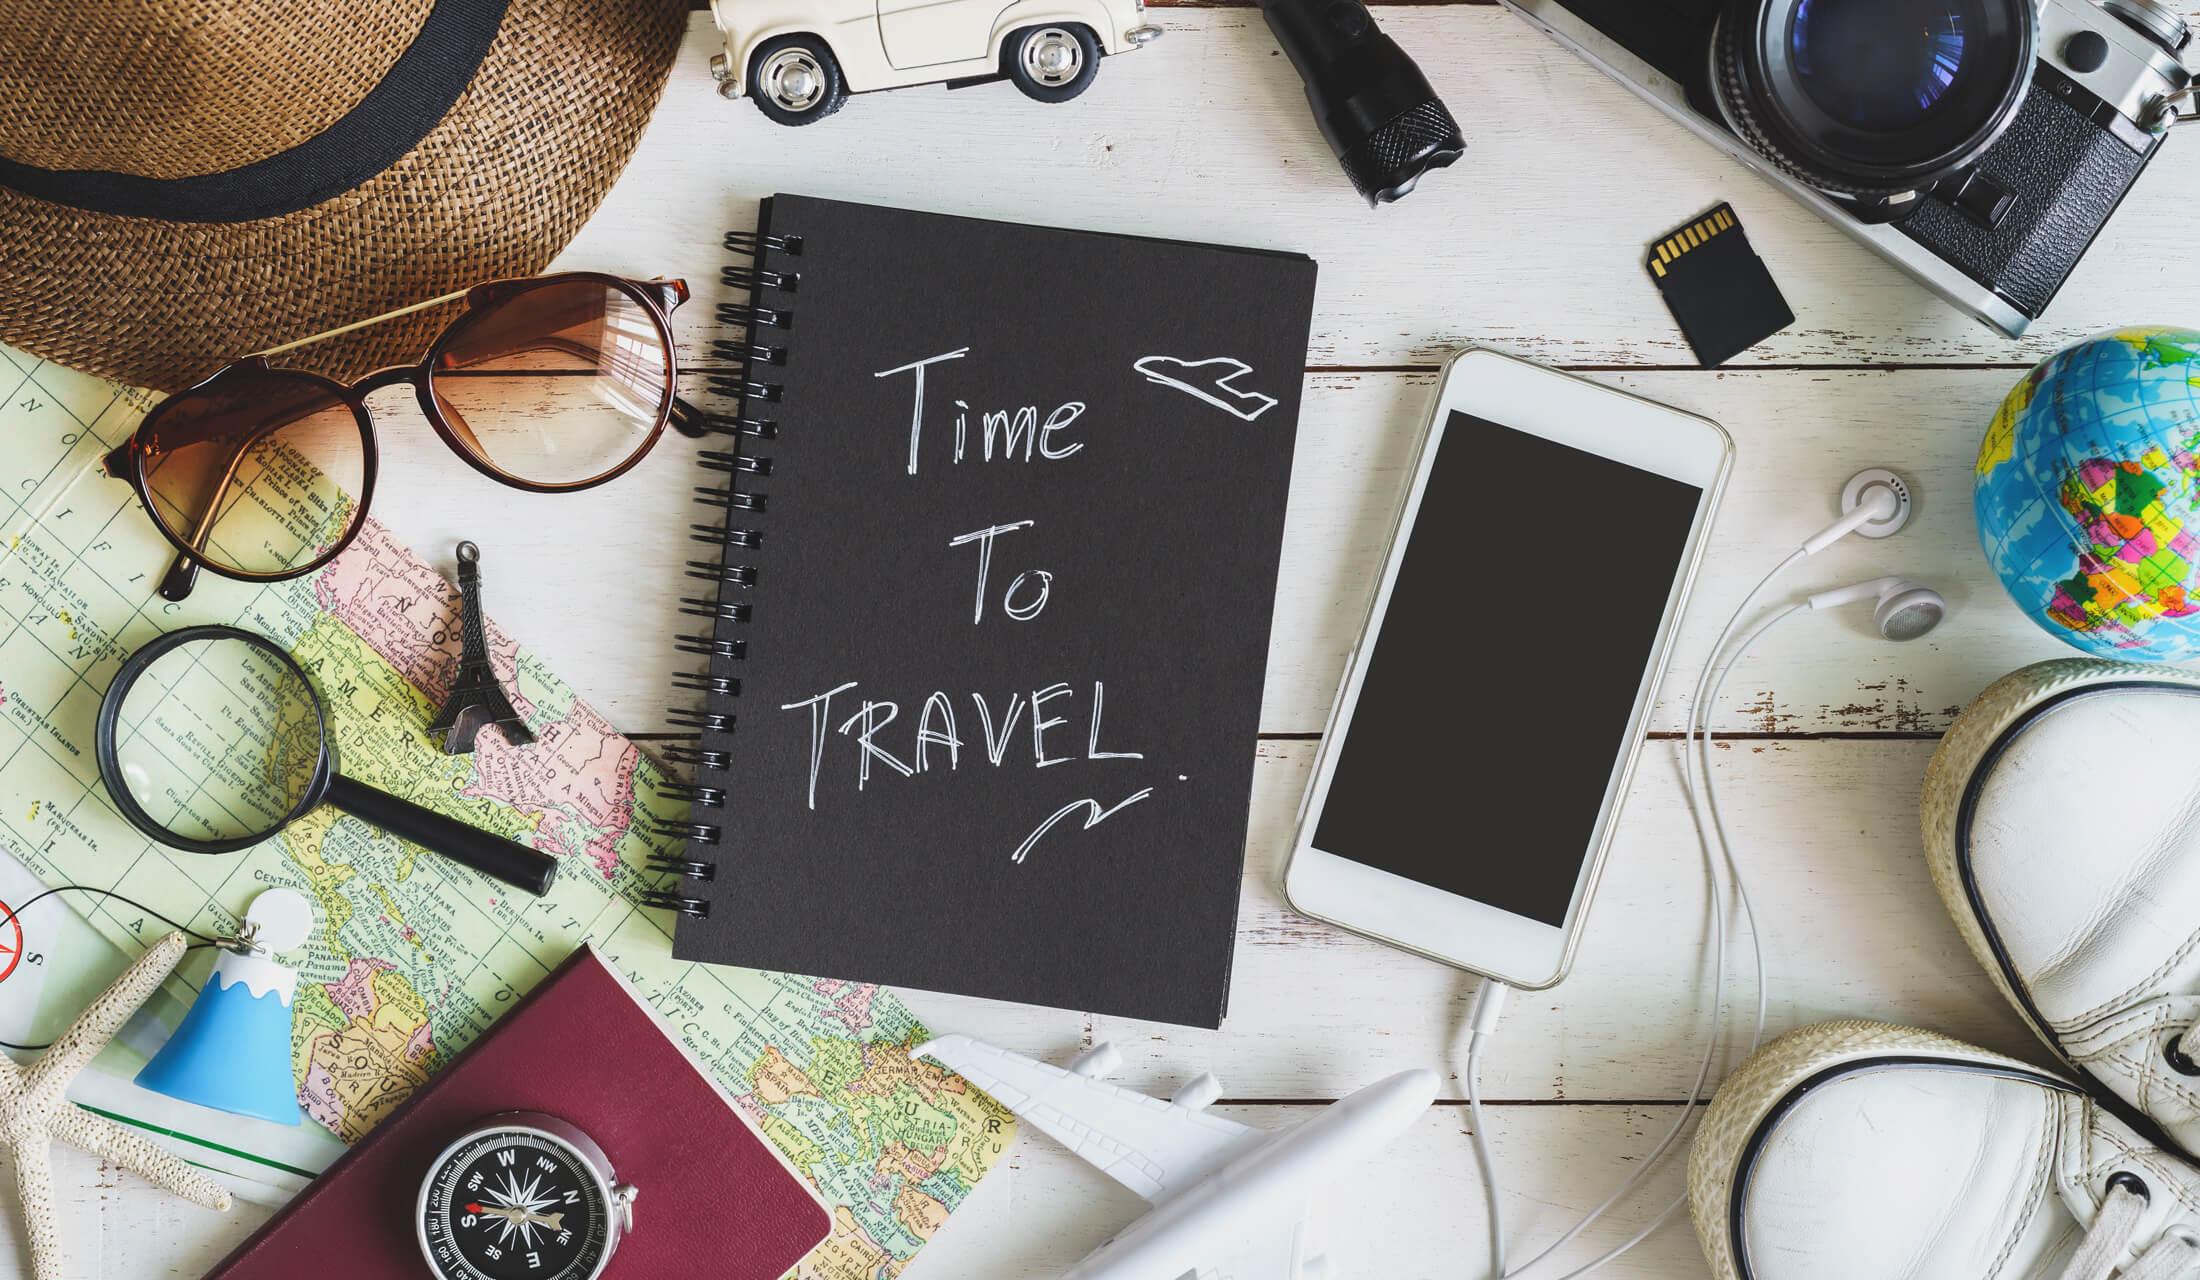 旅行に持っていくノートやサングラス、地図、スニーカー、スマートフォンなどのアイテムが床の上に広げられている様子